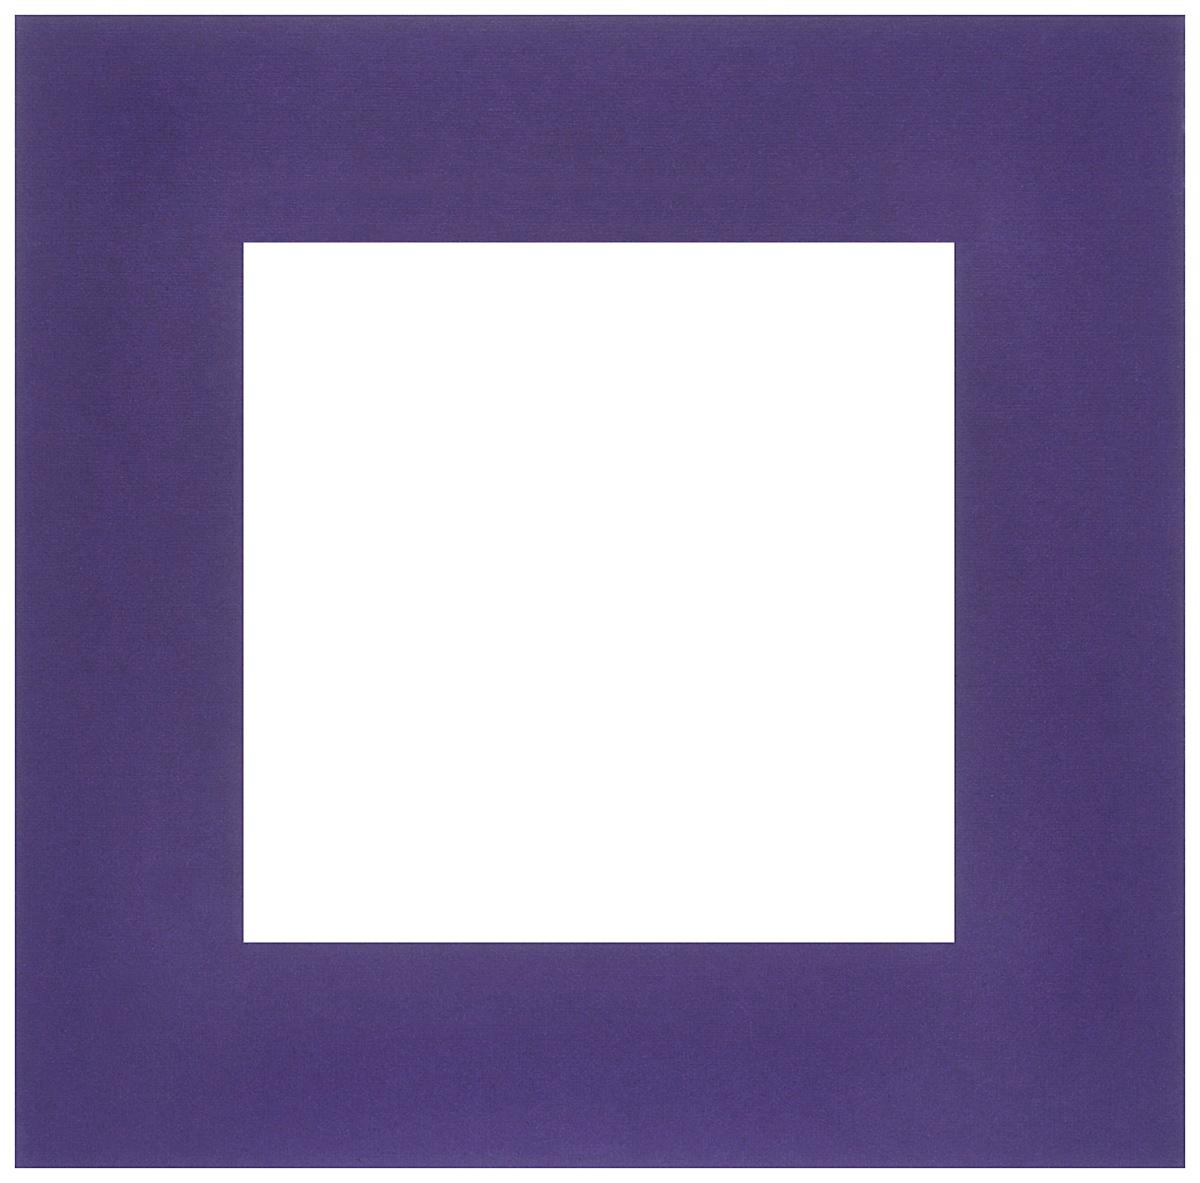 Паспарту Василиса, цвет: фиолетовый, 20 см х 20см549562Паспарту Василиса, изготовленное из плотного картона, предназначено для оформления художественных работ и фотографий. Оно располагается между багетной рамой и изображением, делая акцент на фотографии, усиливая ее визуальное восприятие. Кроме того, на паспарту часто располагают поясняющие подписи, автограф изображенного. Внешний размер: 20 см х 20 см. Внутренний размер: 12 см х 12 см.